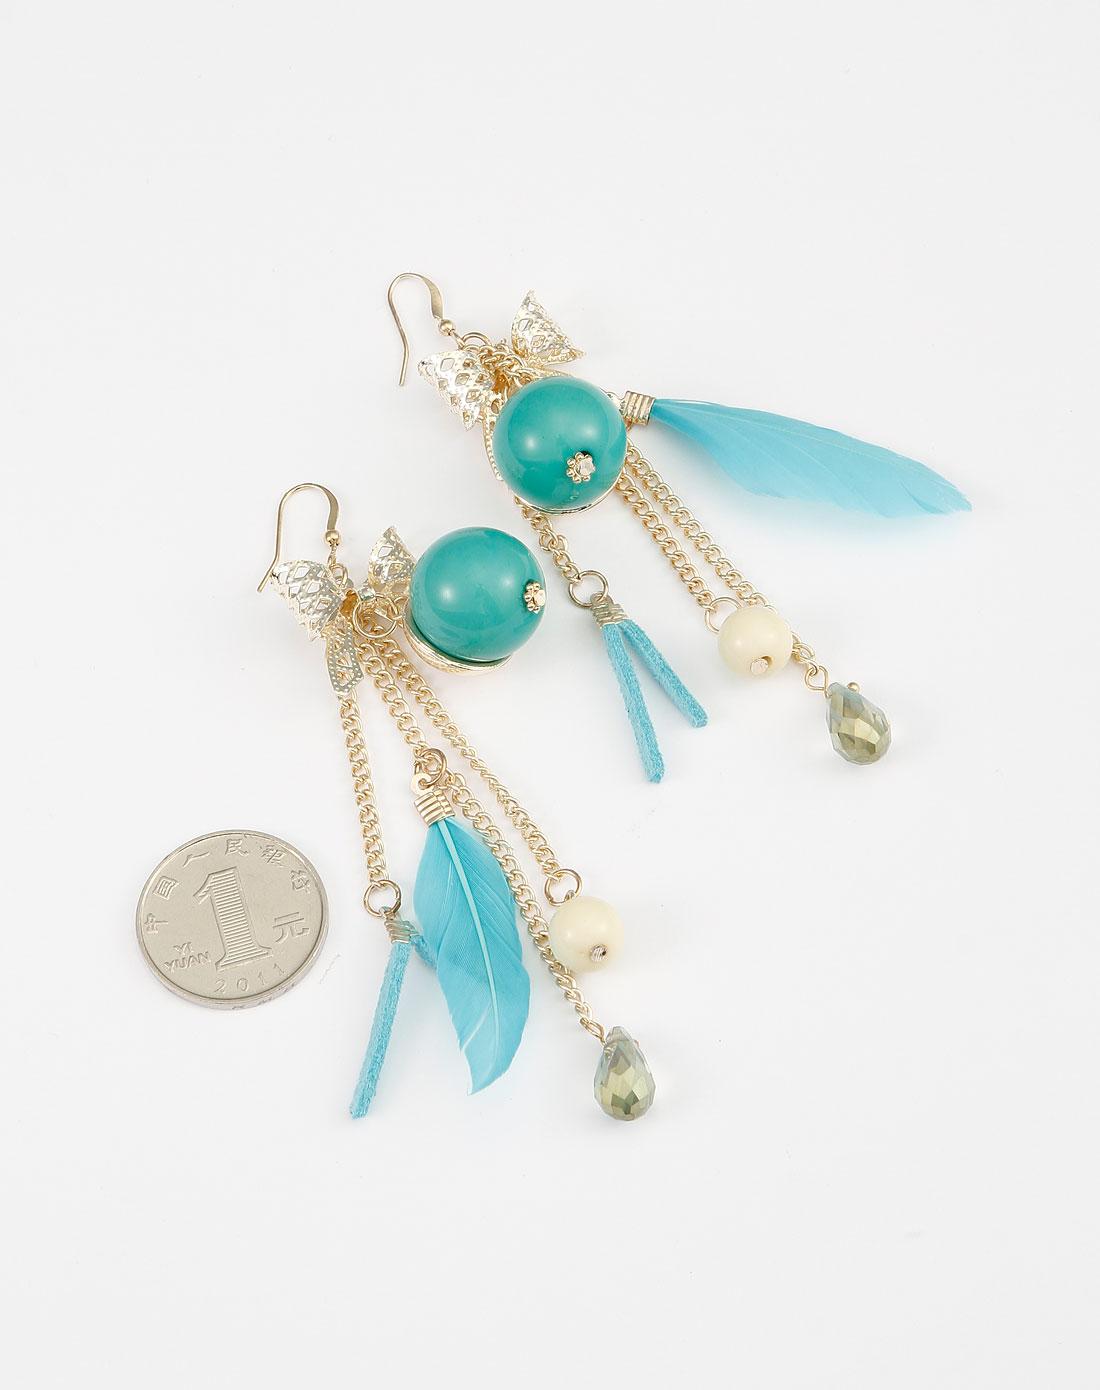 蓝/绿/金色羽毛耳环